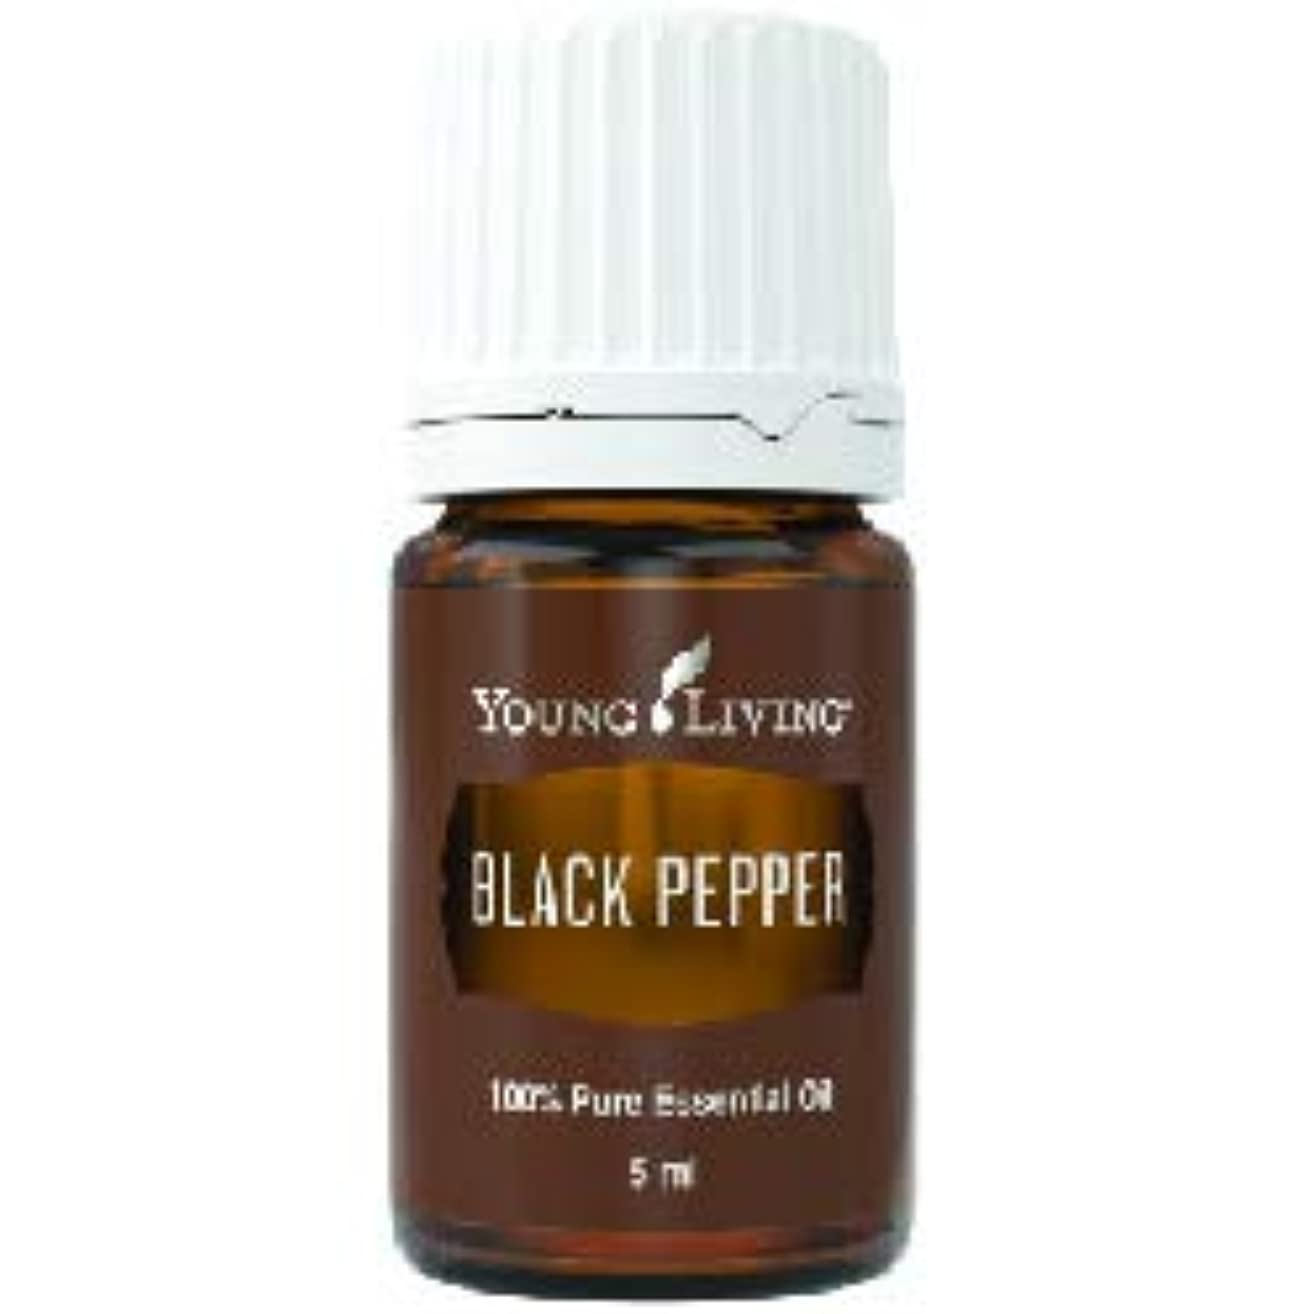 協力する無意識悪のブラックペッパーエッセンシャルオイル 5 ml byヤングリビングエッセンシャルオイルマレーシア Black Pepper Essential Oil 5 ml by Young Living Essential Oil...